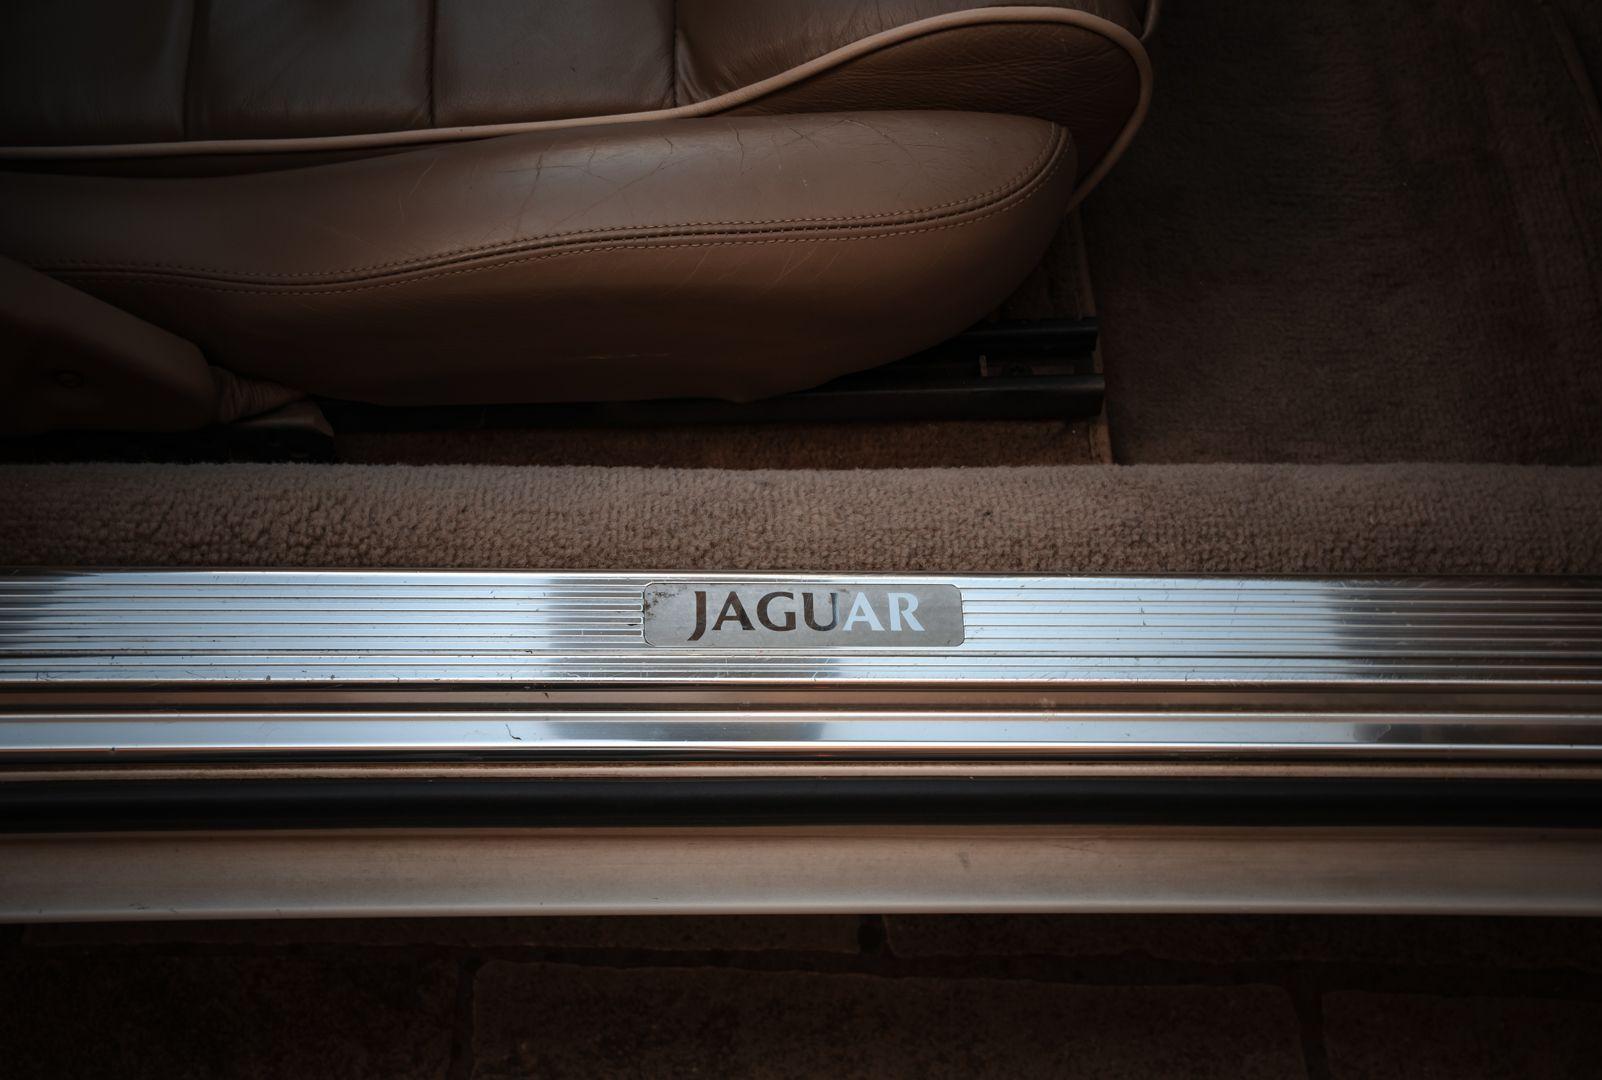 1995 Jaguar XJS Convertible V12 70426